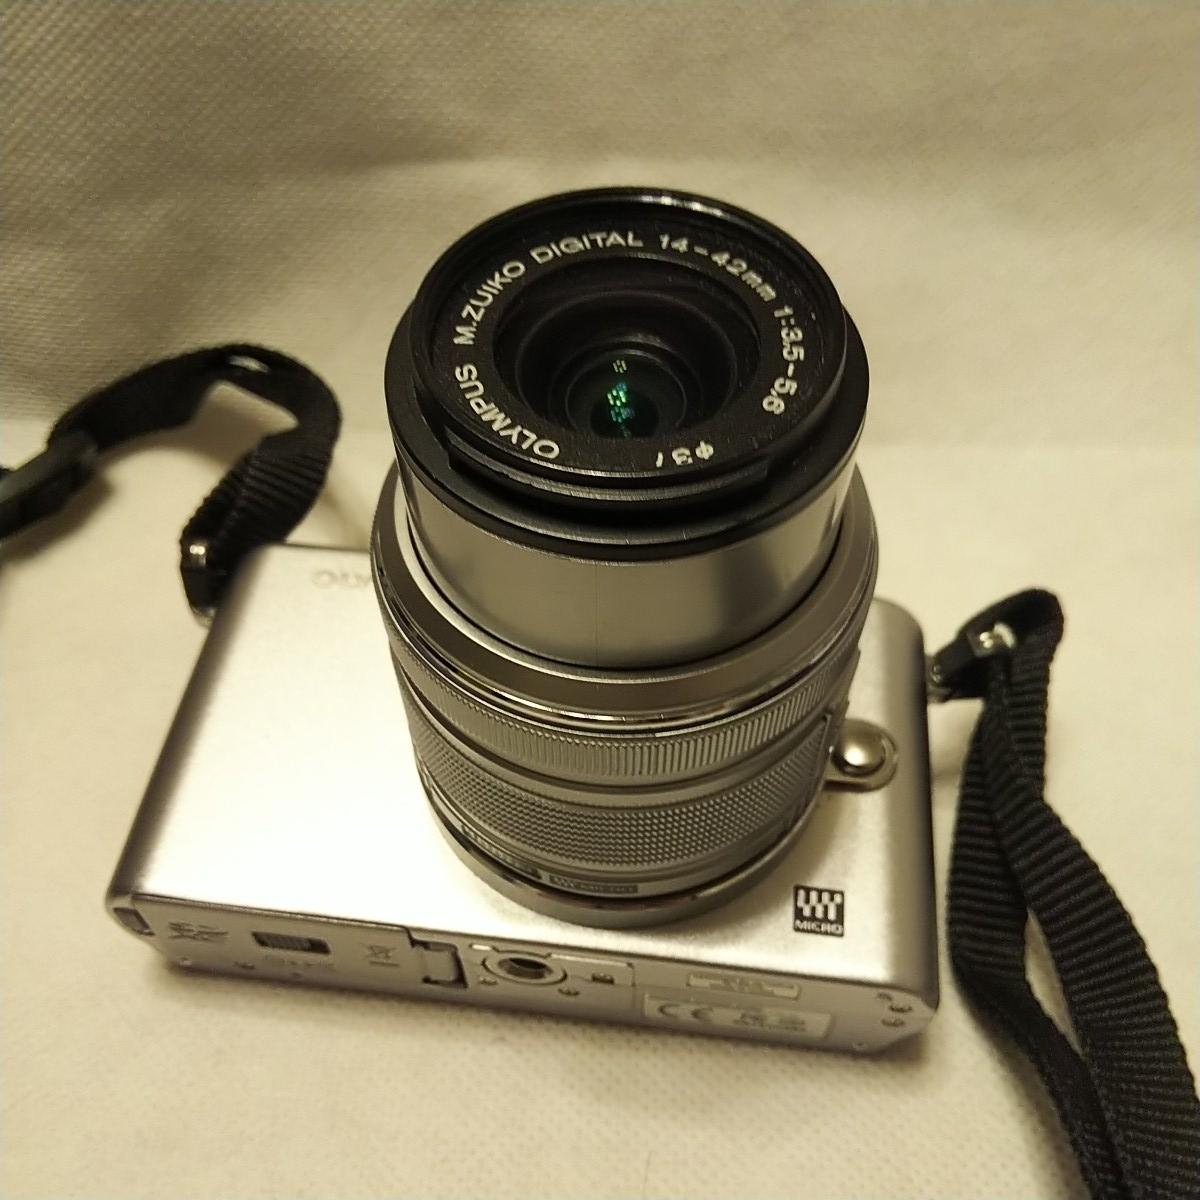 オリンパス E-PM1 デジタル一眼 レンズ フラッシュ付き FL-LM1 M.ZUIKO 14-42mm 1:3.5-5.6 π37mm ズームレンズキット YOKO-63 完動品 美品_画像5